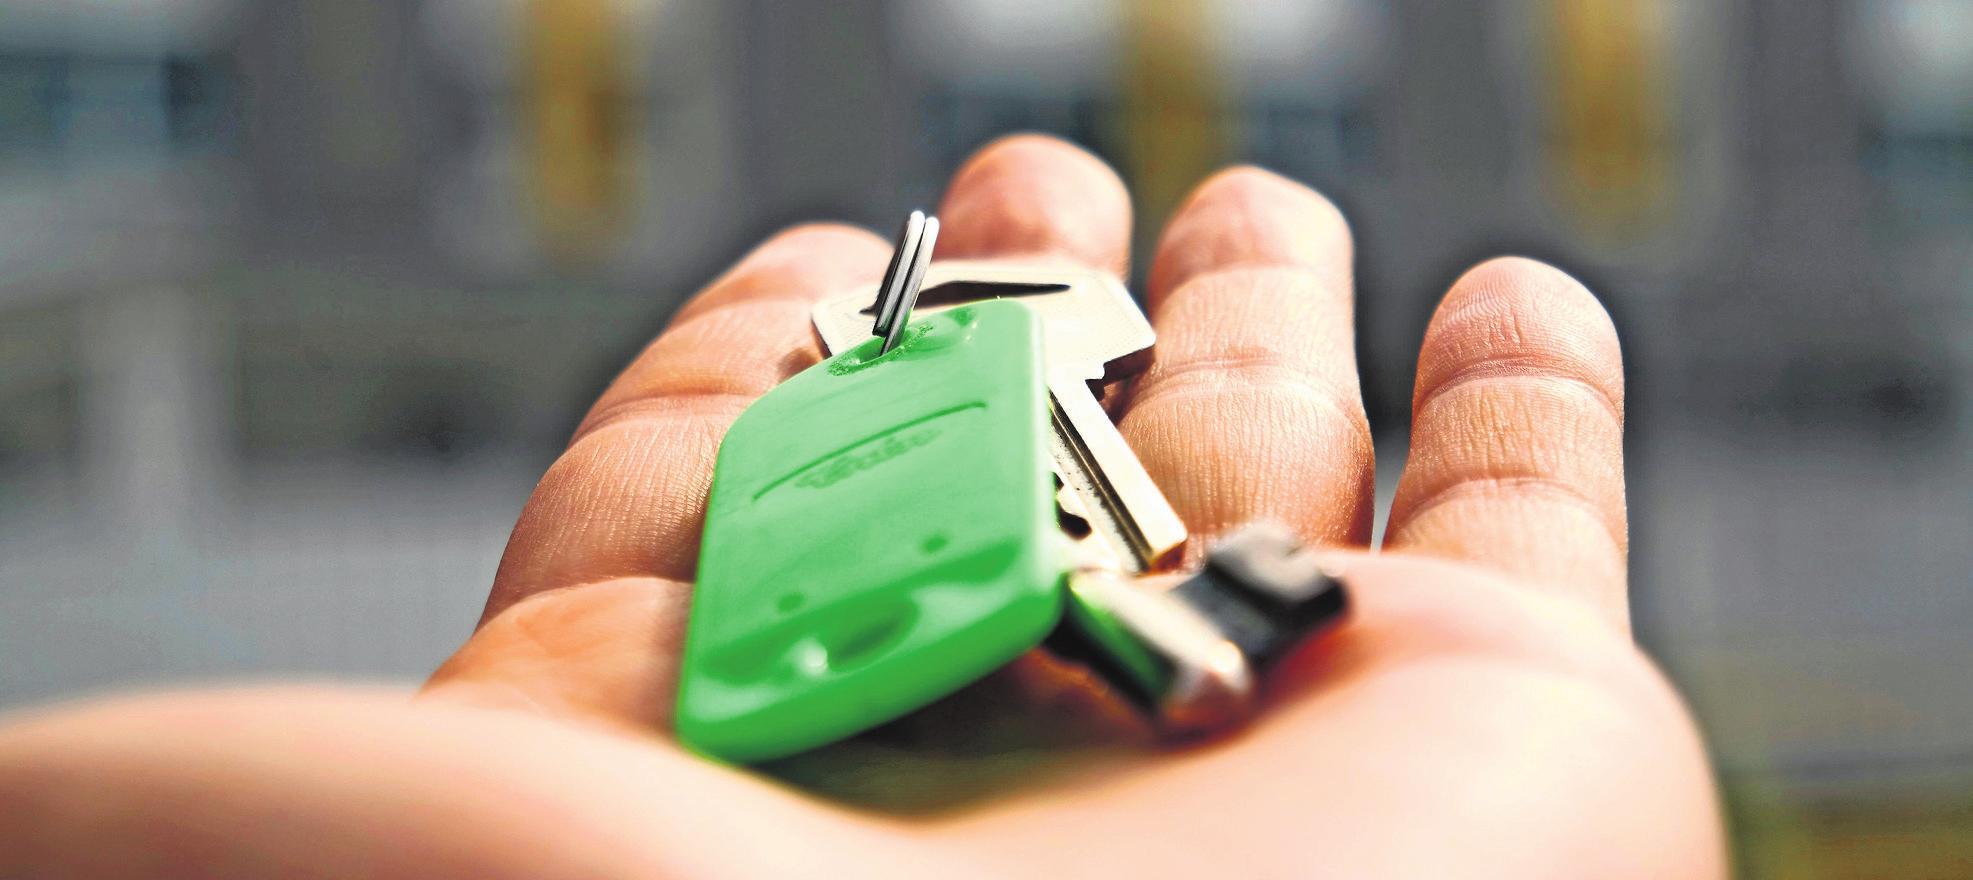 Die Haustürschlüssel seines Eigenheims das erste Mal in der Hand zu halten, ist ein unbeschreibliches Gefühl. Fotos: pixabay